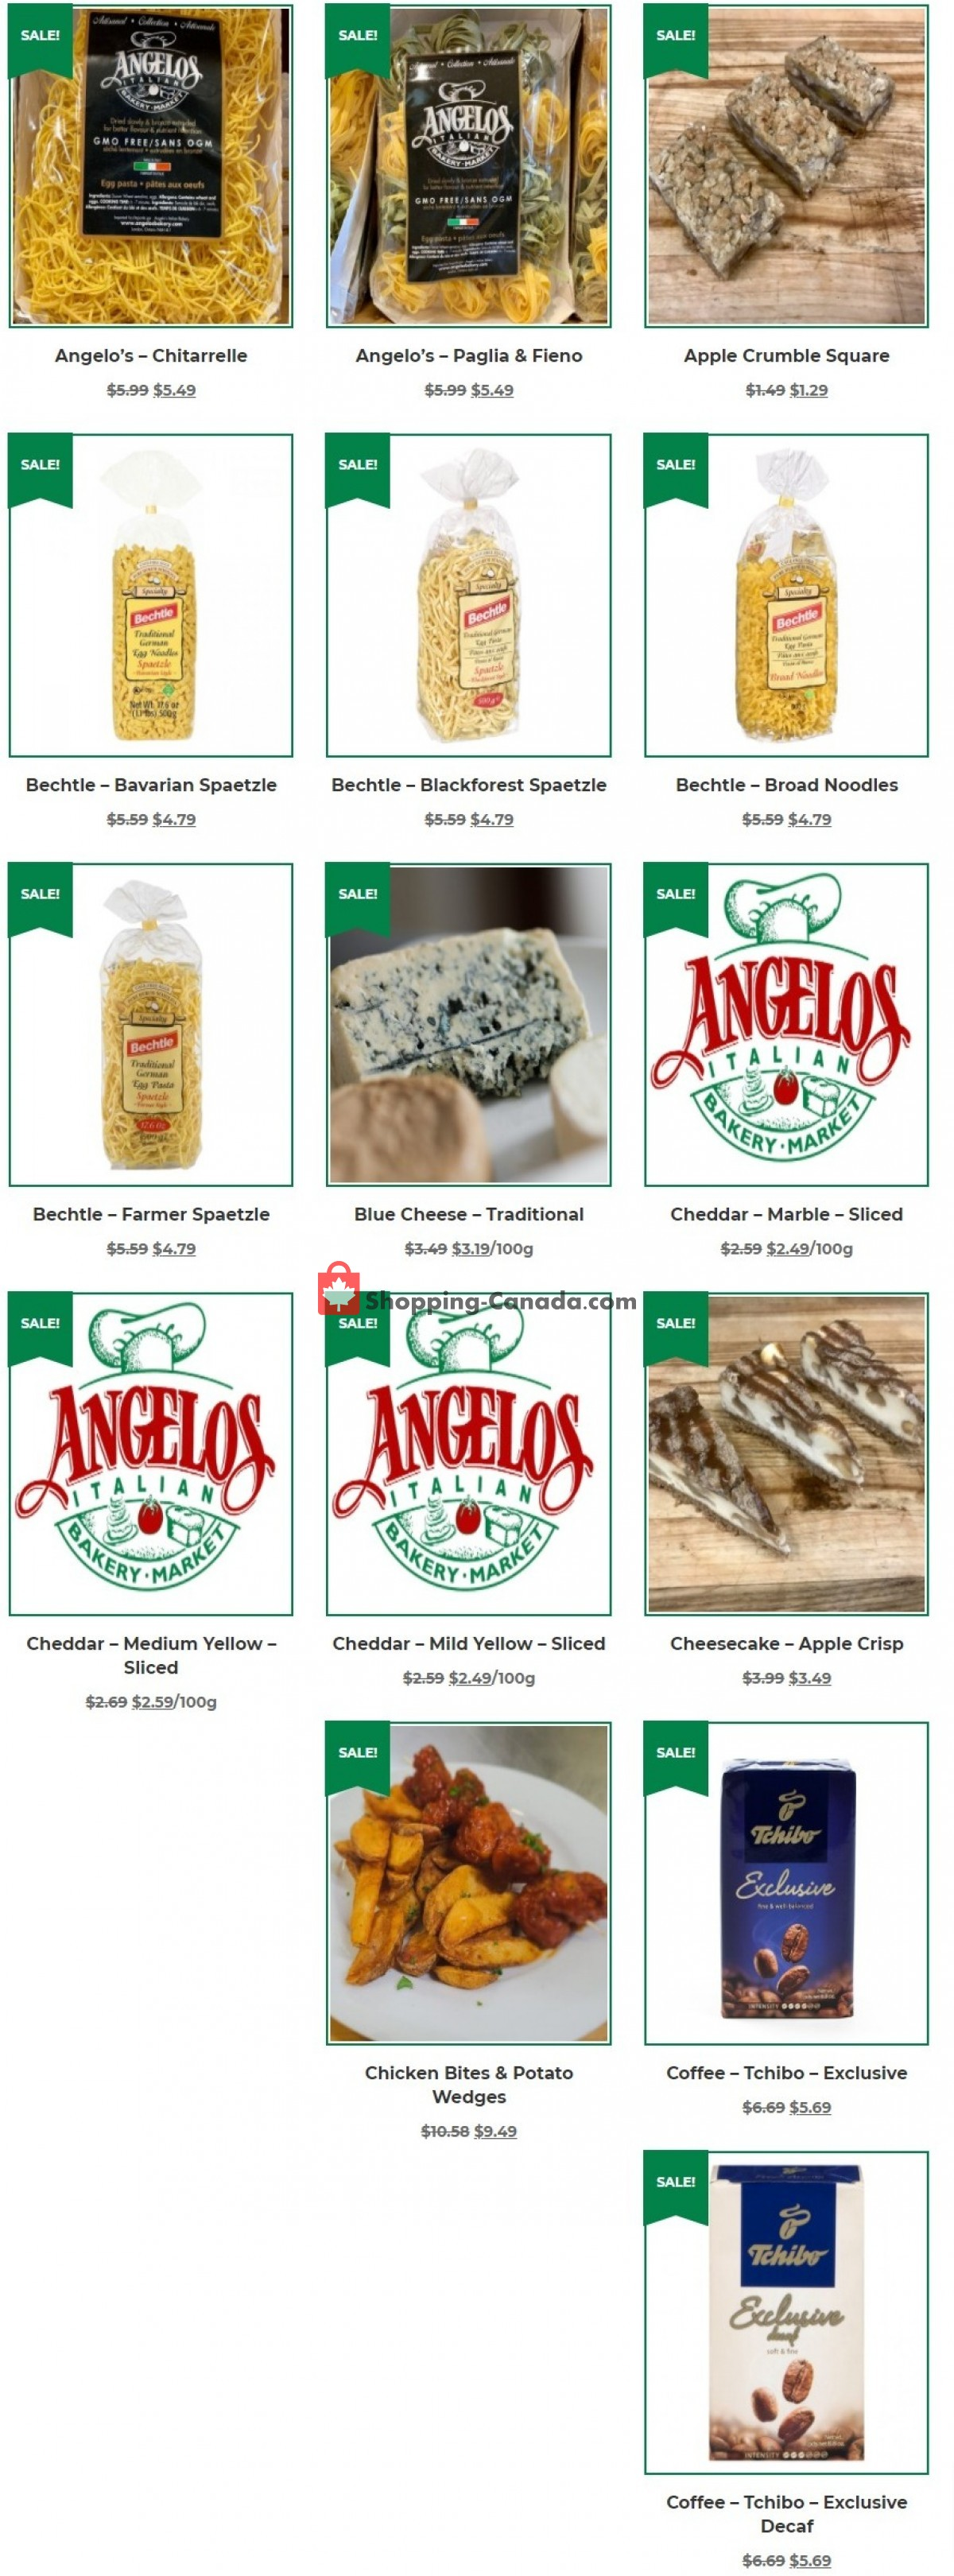 Flyer Angelos Italian Bakery & Market Canada - from Wednesday September 1, 2021 to Thursday September 30, 2021